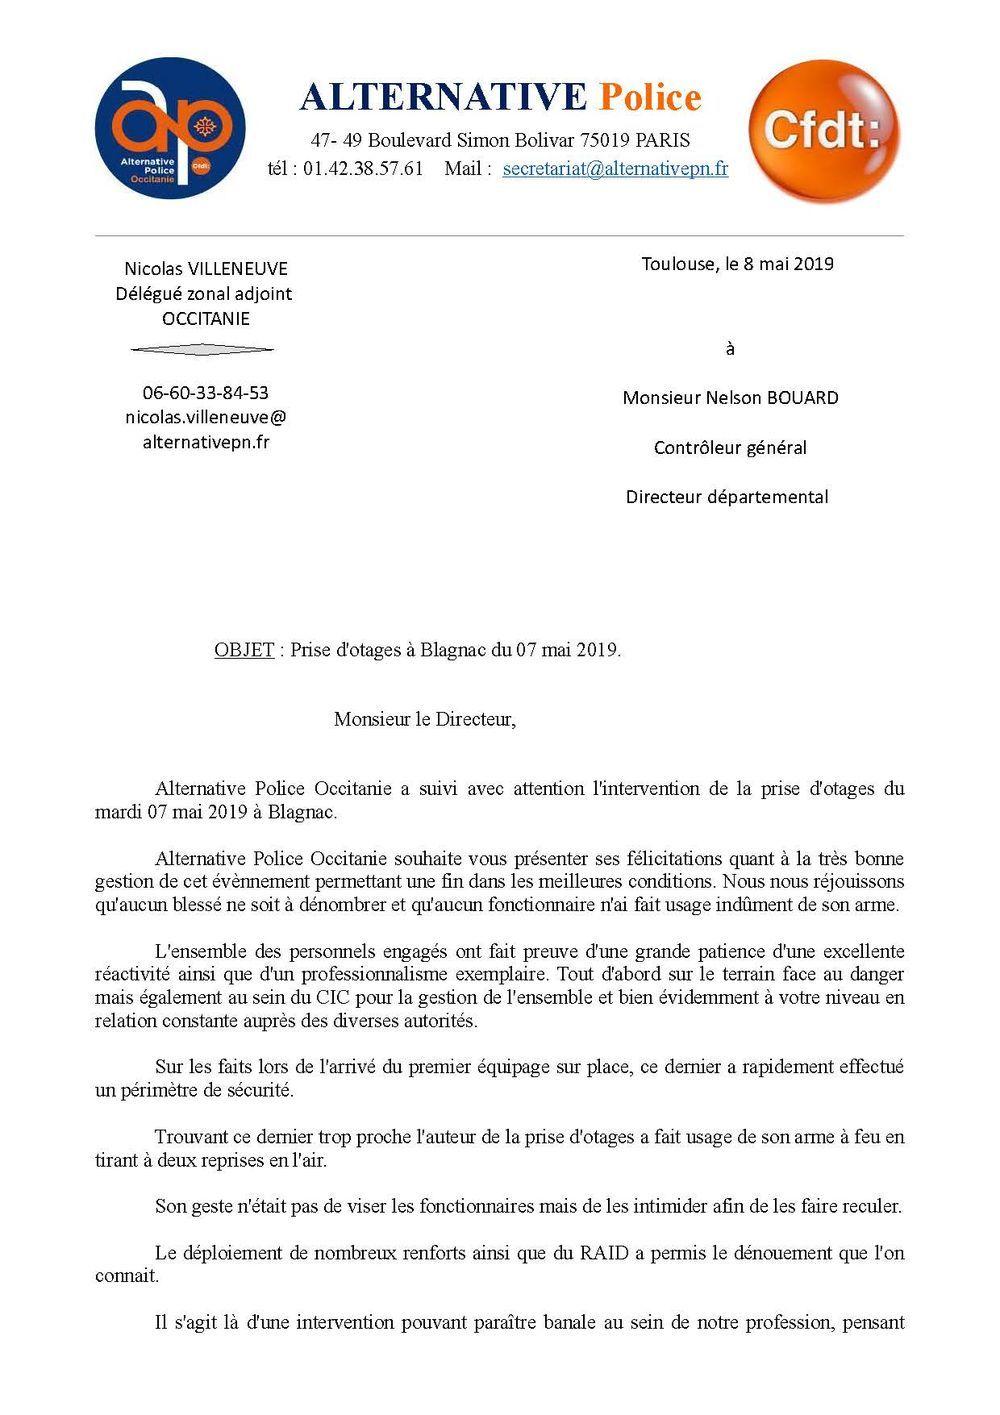 Prise d'otages à Blagnac du 07 mai 2019.